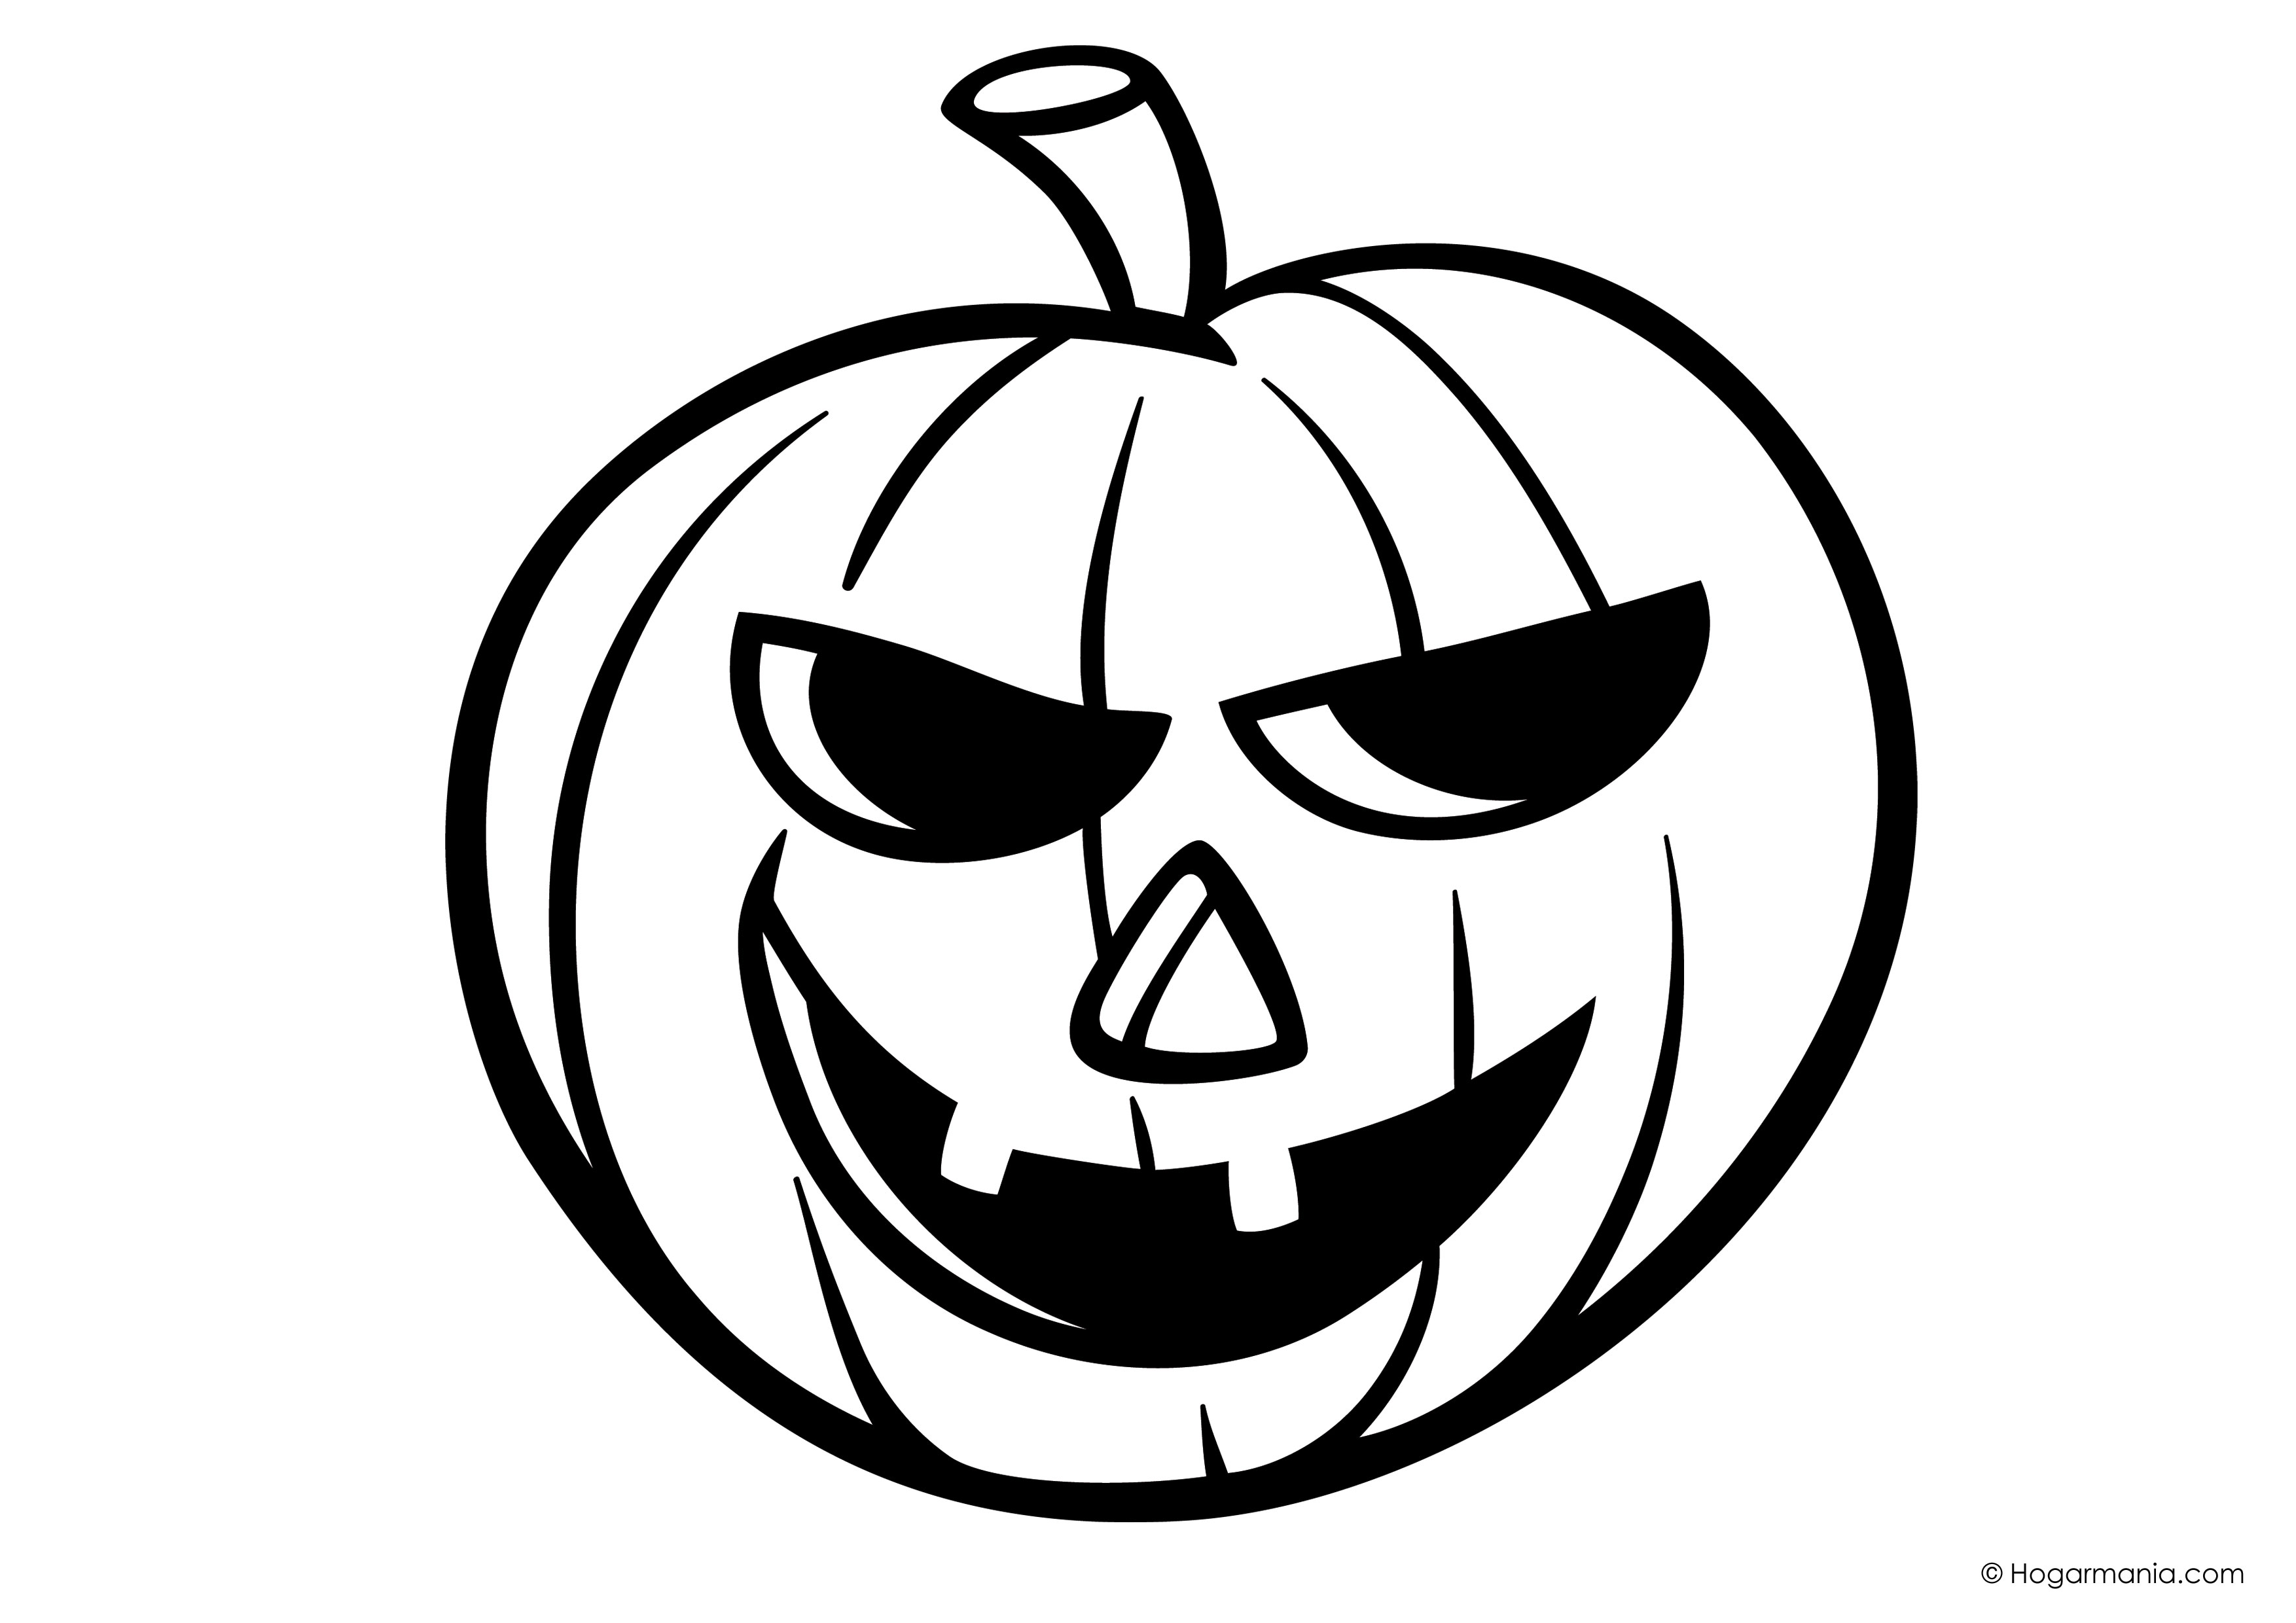 Dibujos Para Colorear De Calabazas De Halloween Para Imprimir: Dibujos De Calabazas Para Colorear